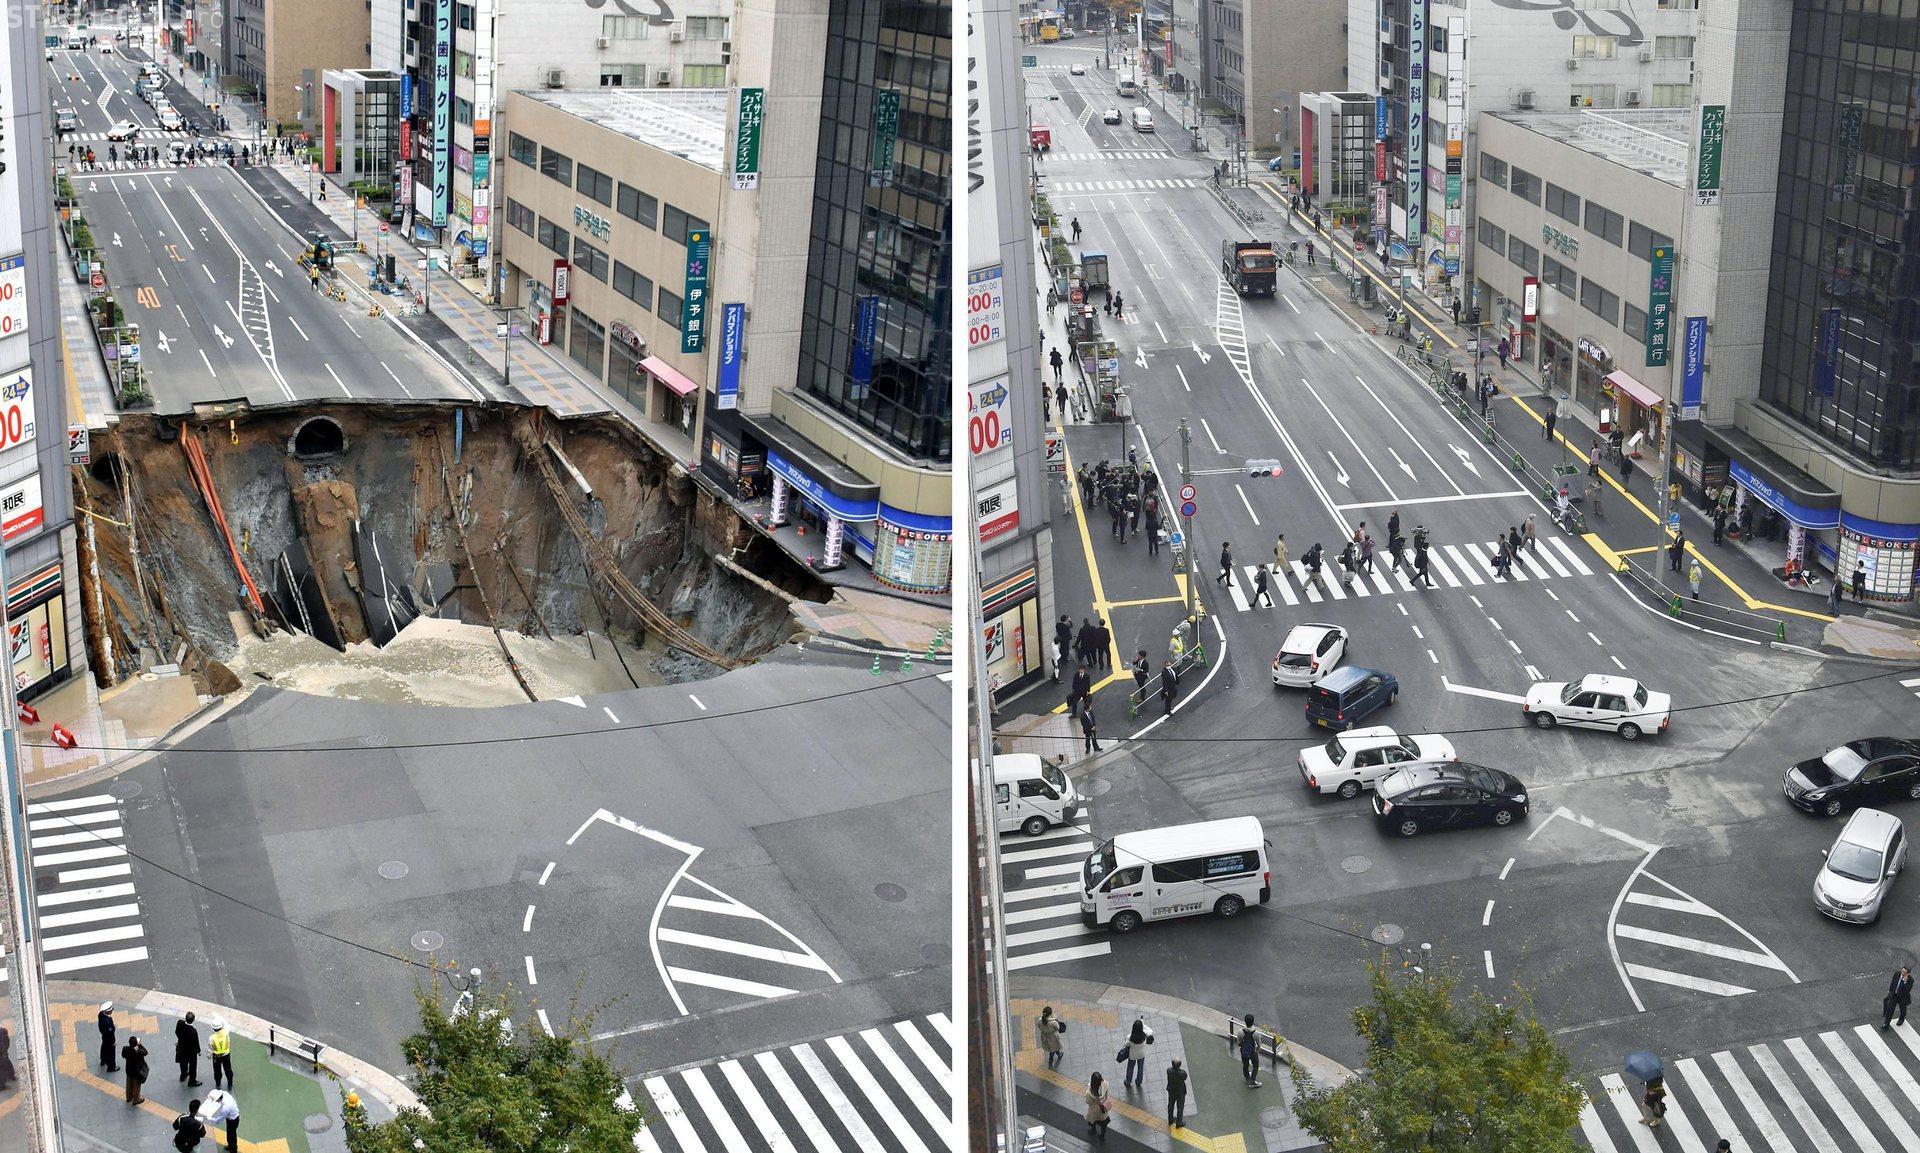 Japonezii au reparat în 2 zile, ceea ce părea imposibil! Surparea de teren a dispărut - FOTO